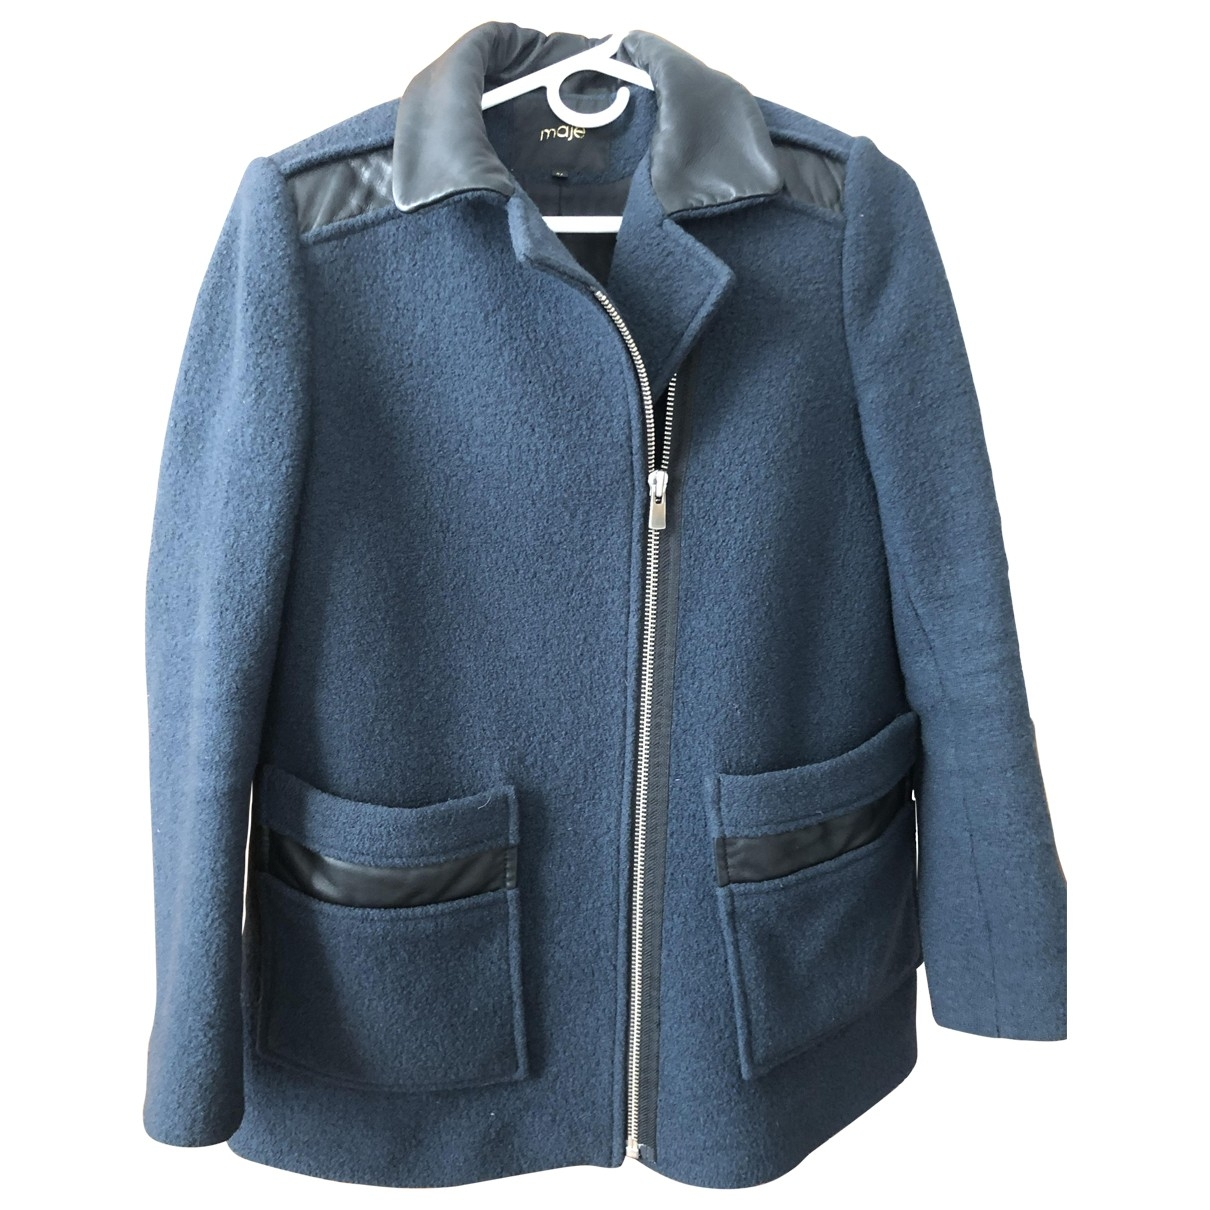 Maje - Manteau   pour femme en laine - bleu